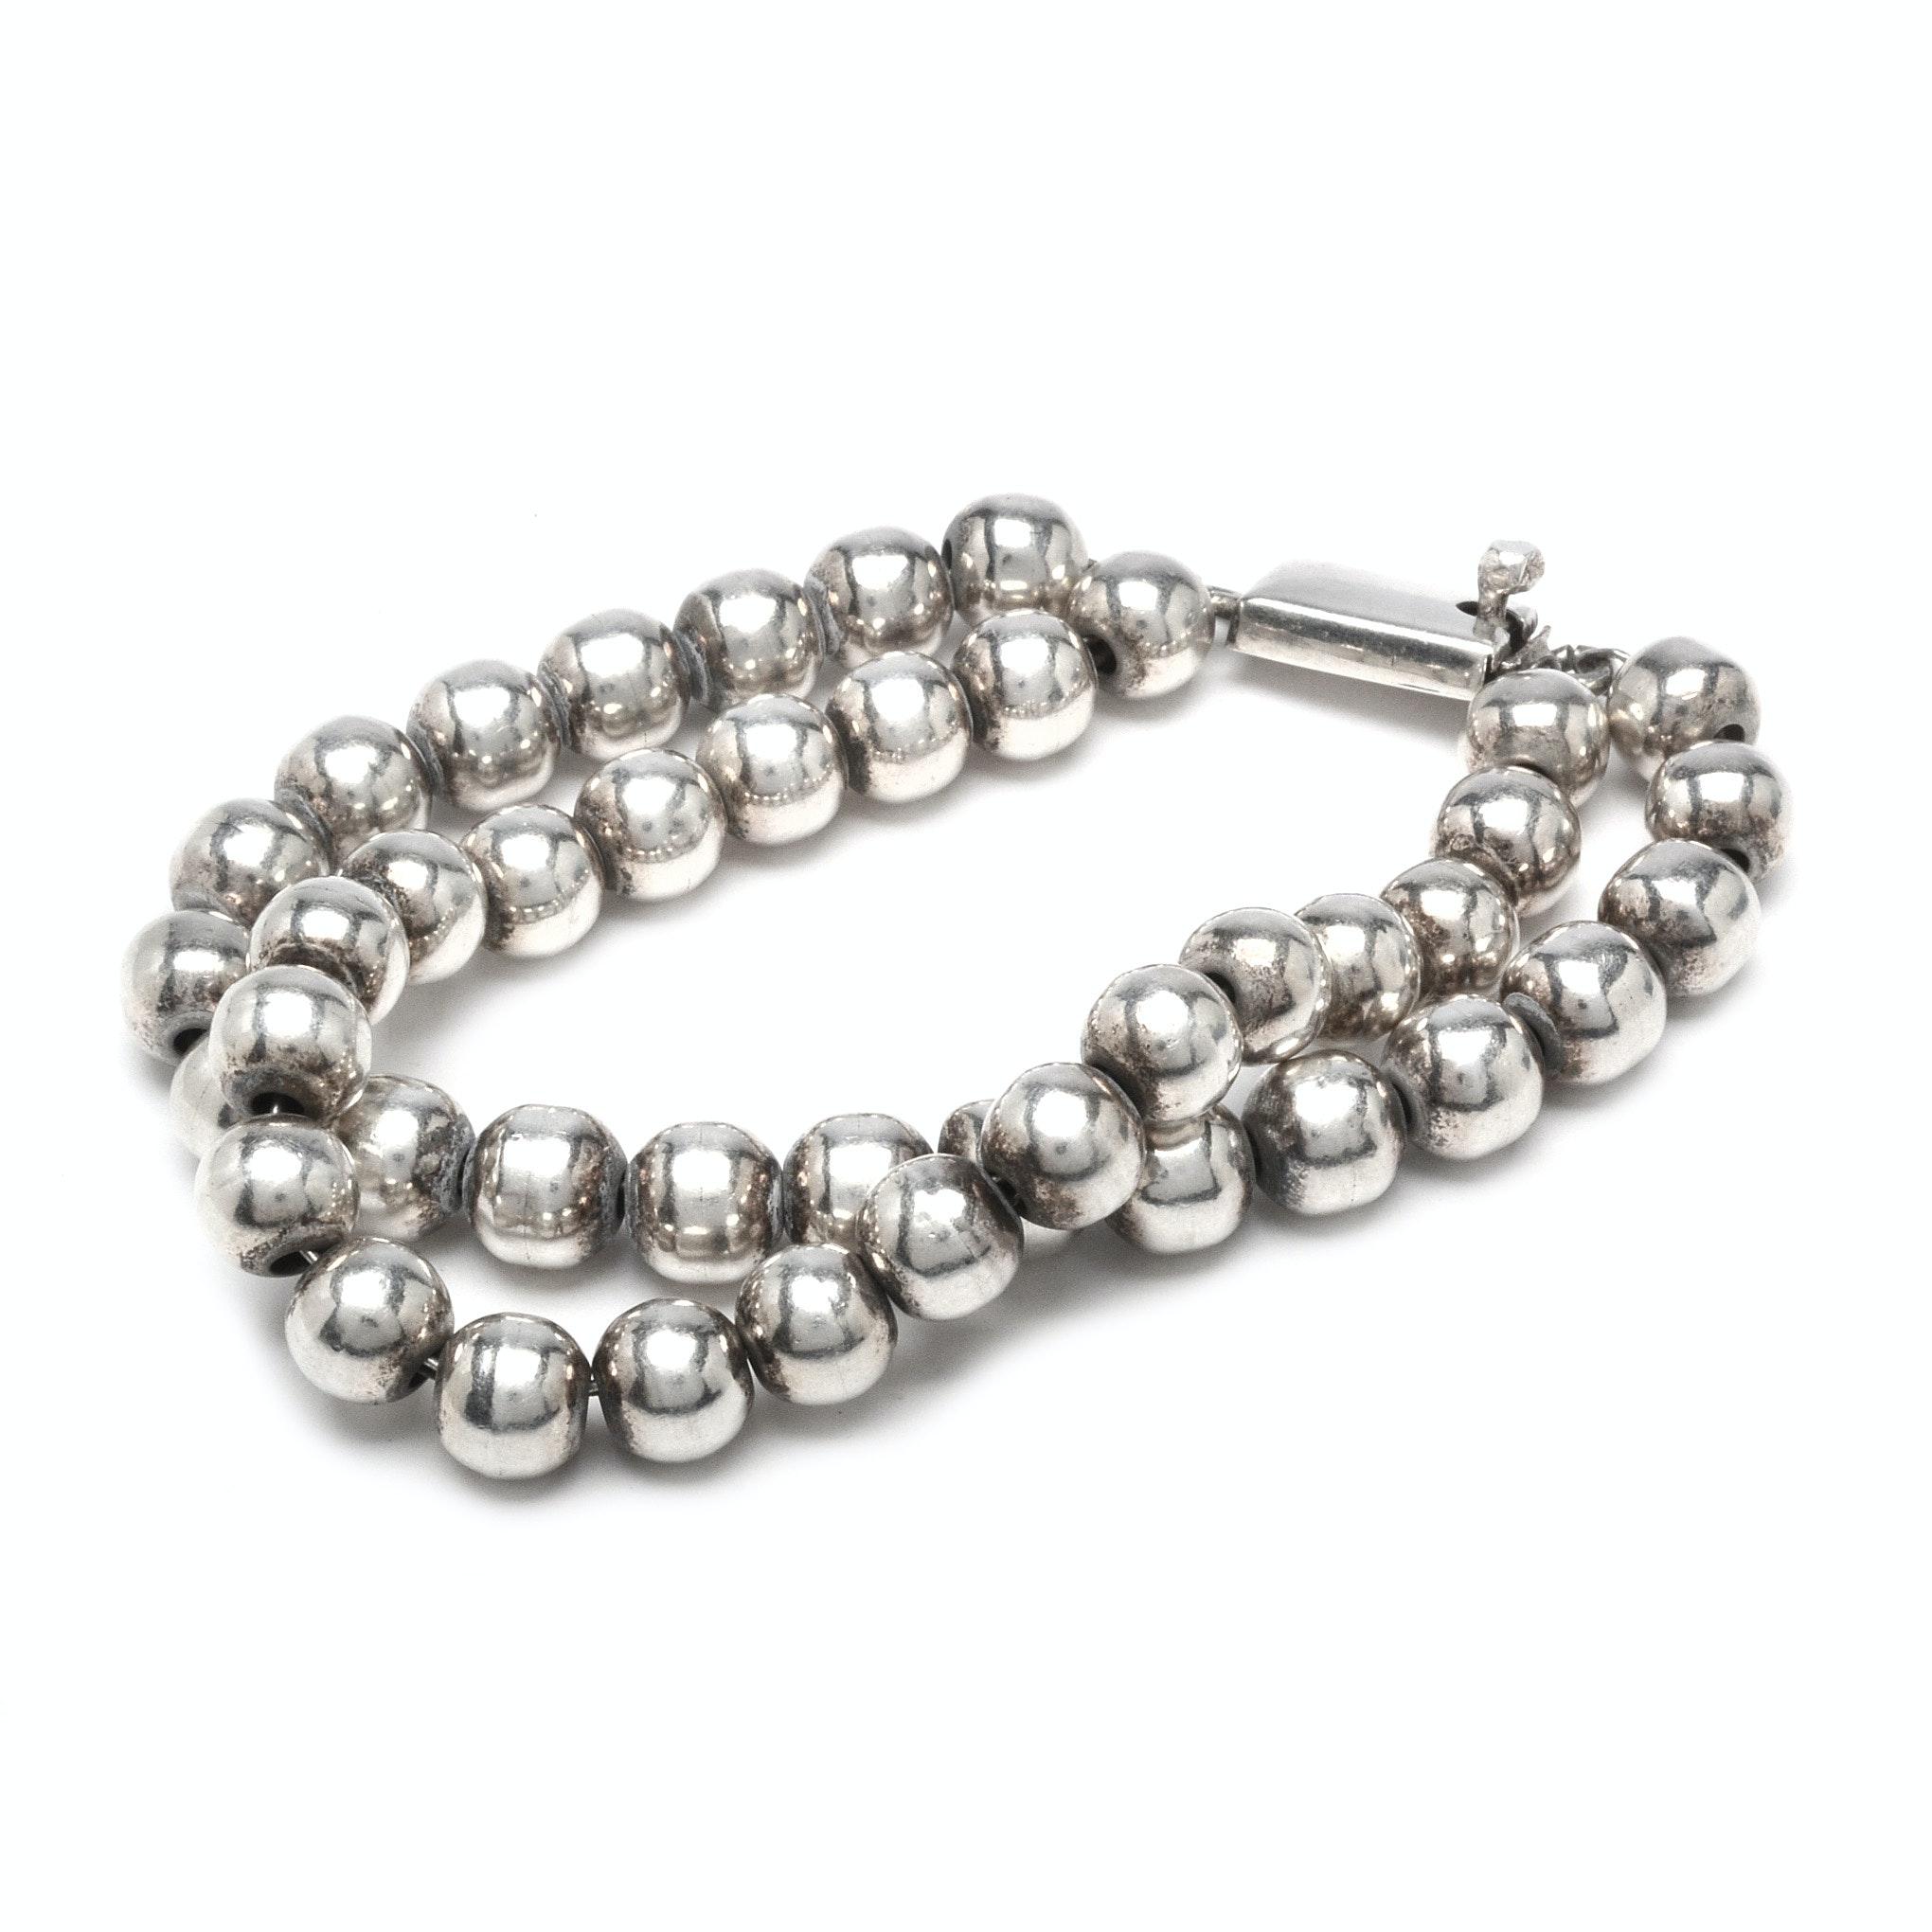 Taxco Sterling Silver Beaded Bracelet